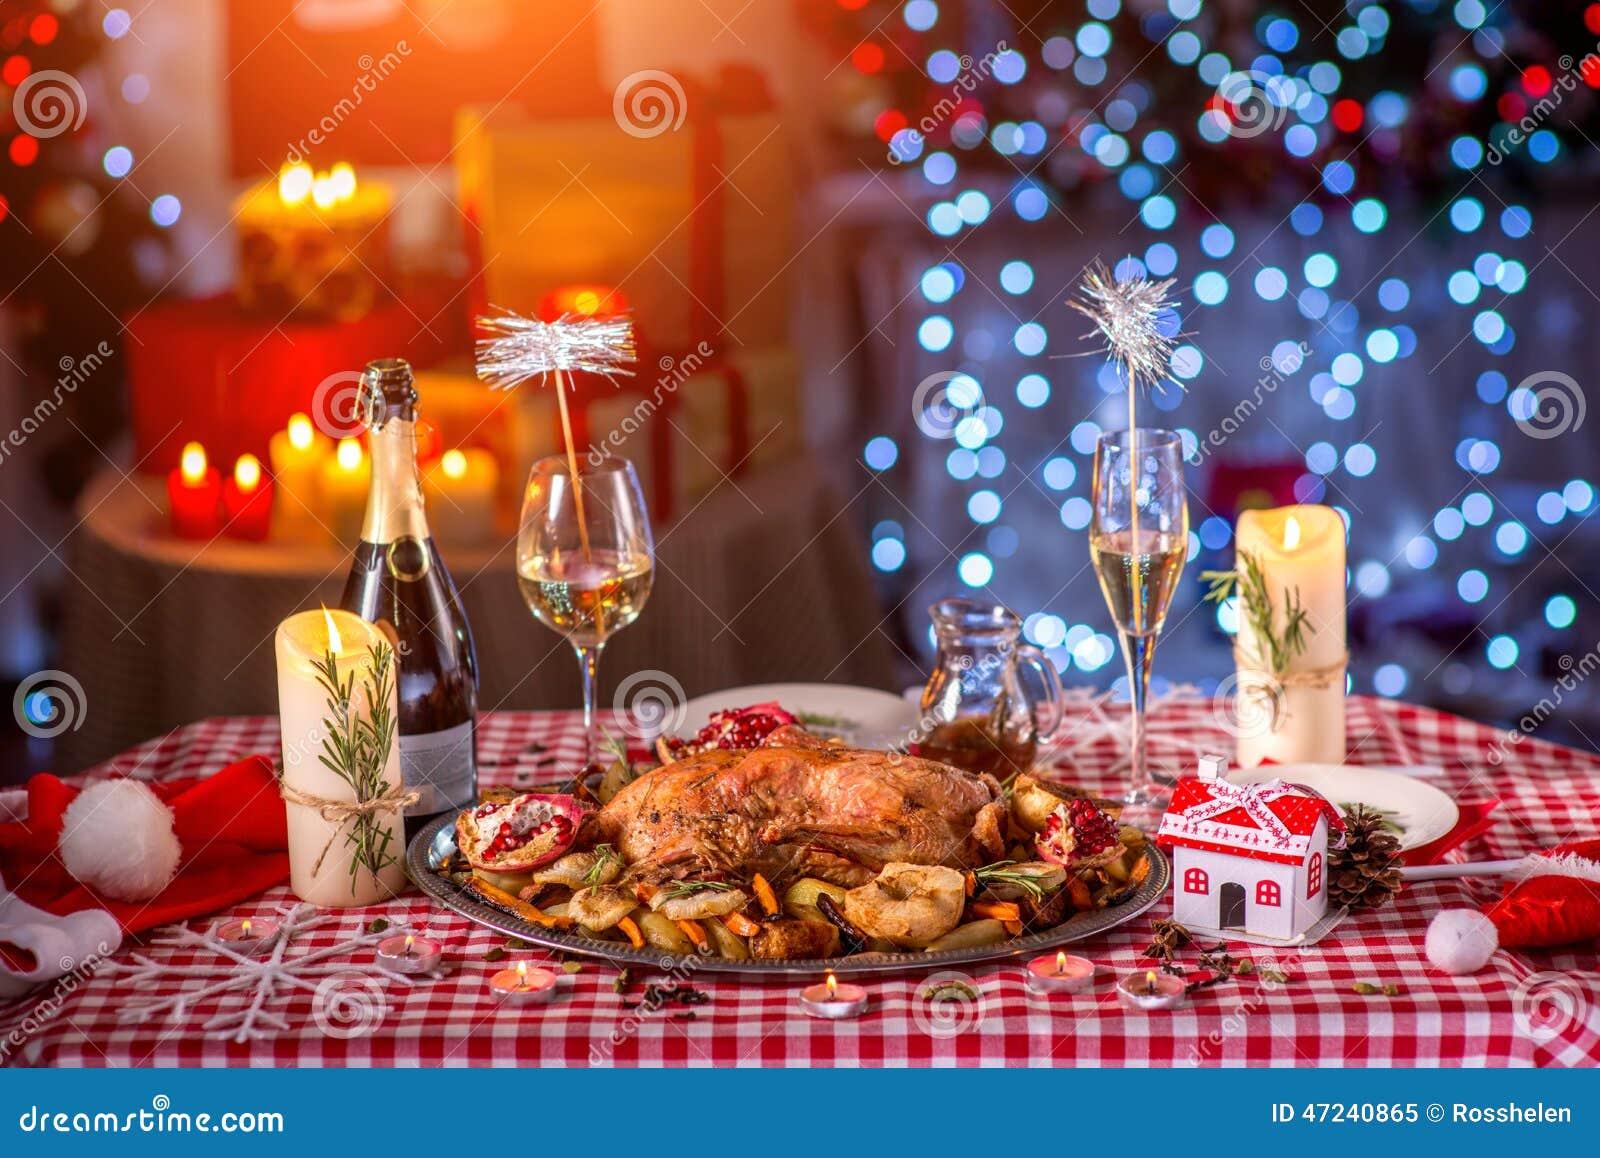 Die Türkei auf Weihnachten verzierte Tabelle